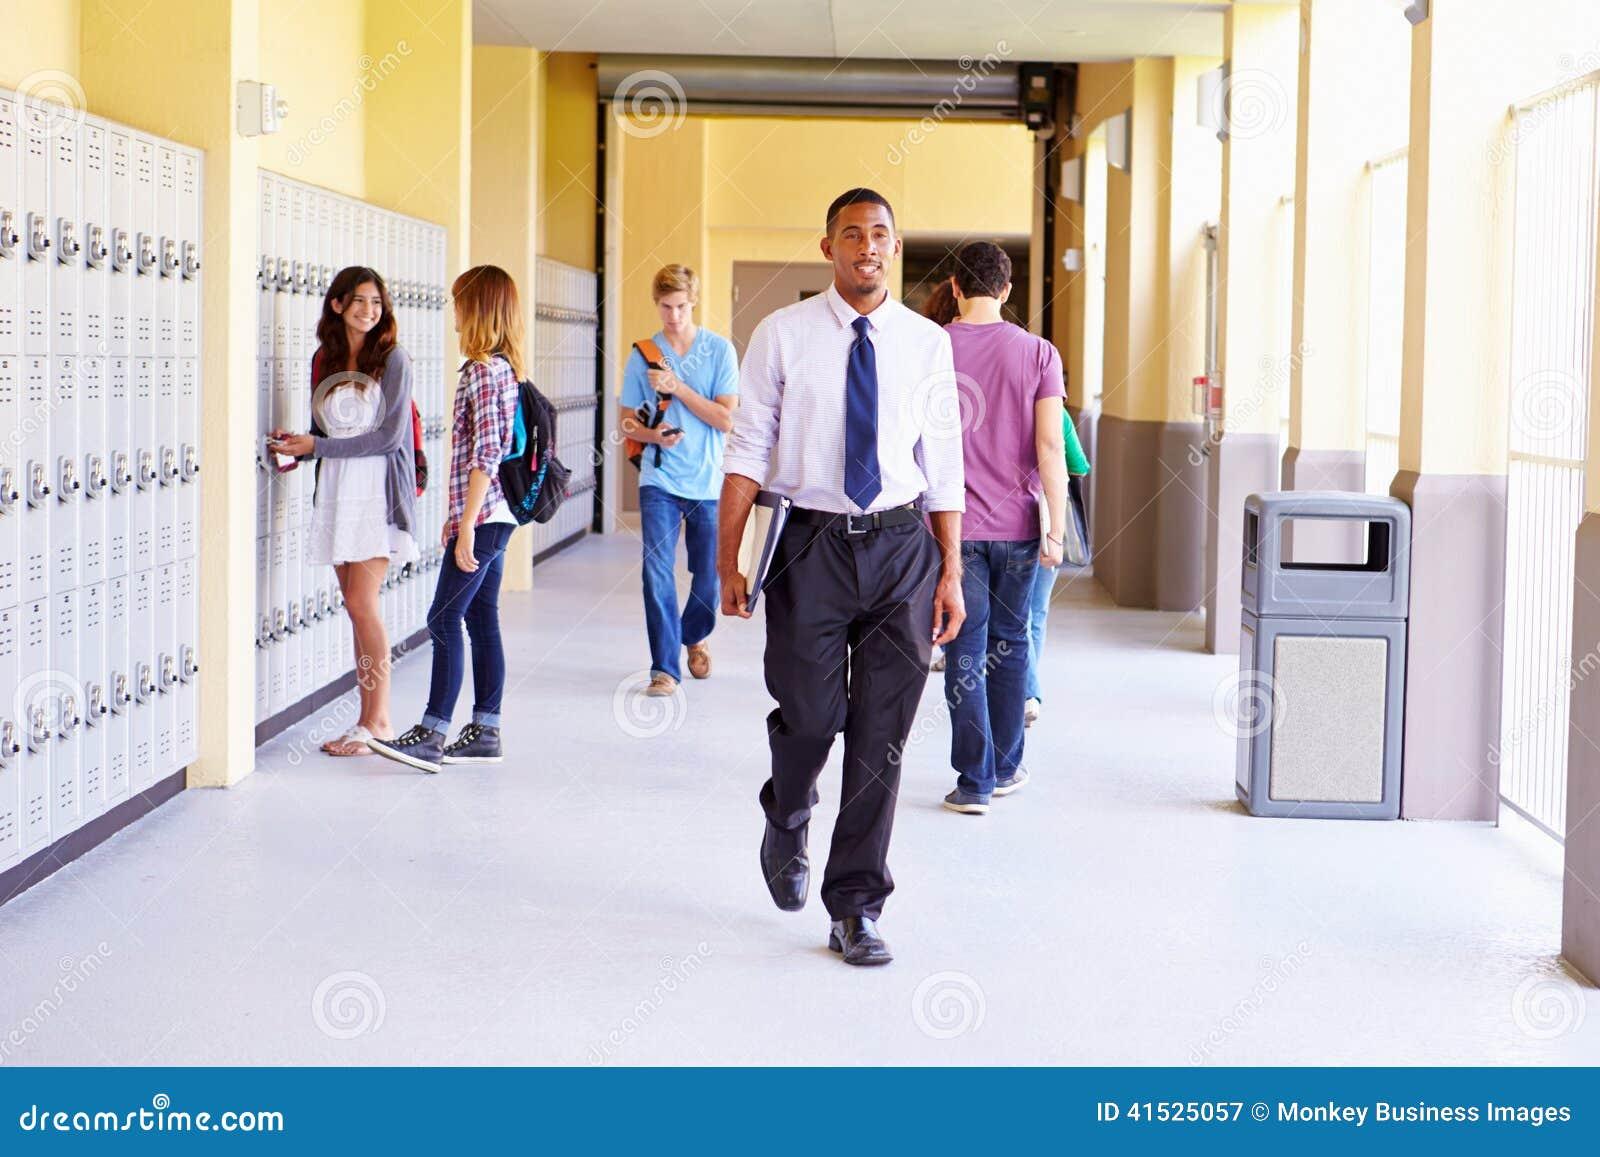 Middelbare schoolstudenten en Leraar Walking Along Hallway